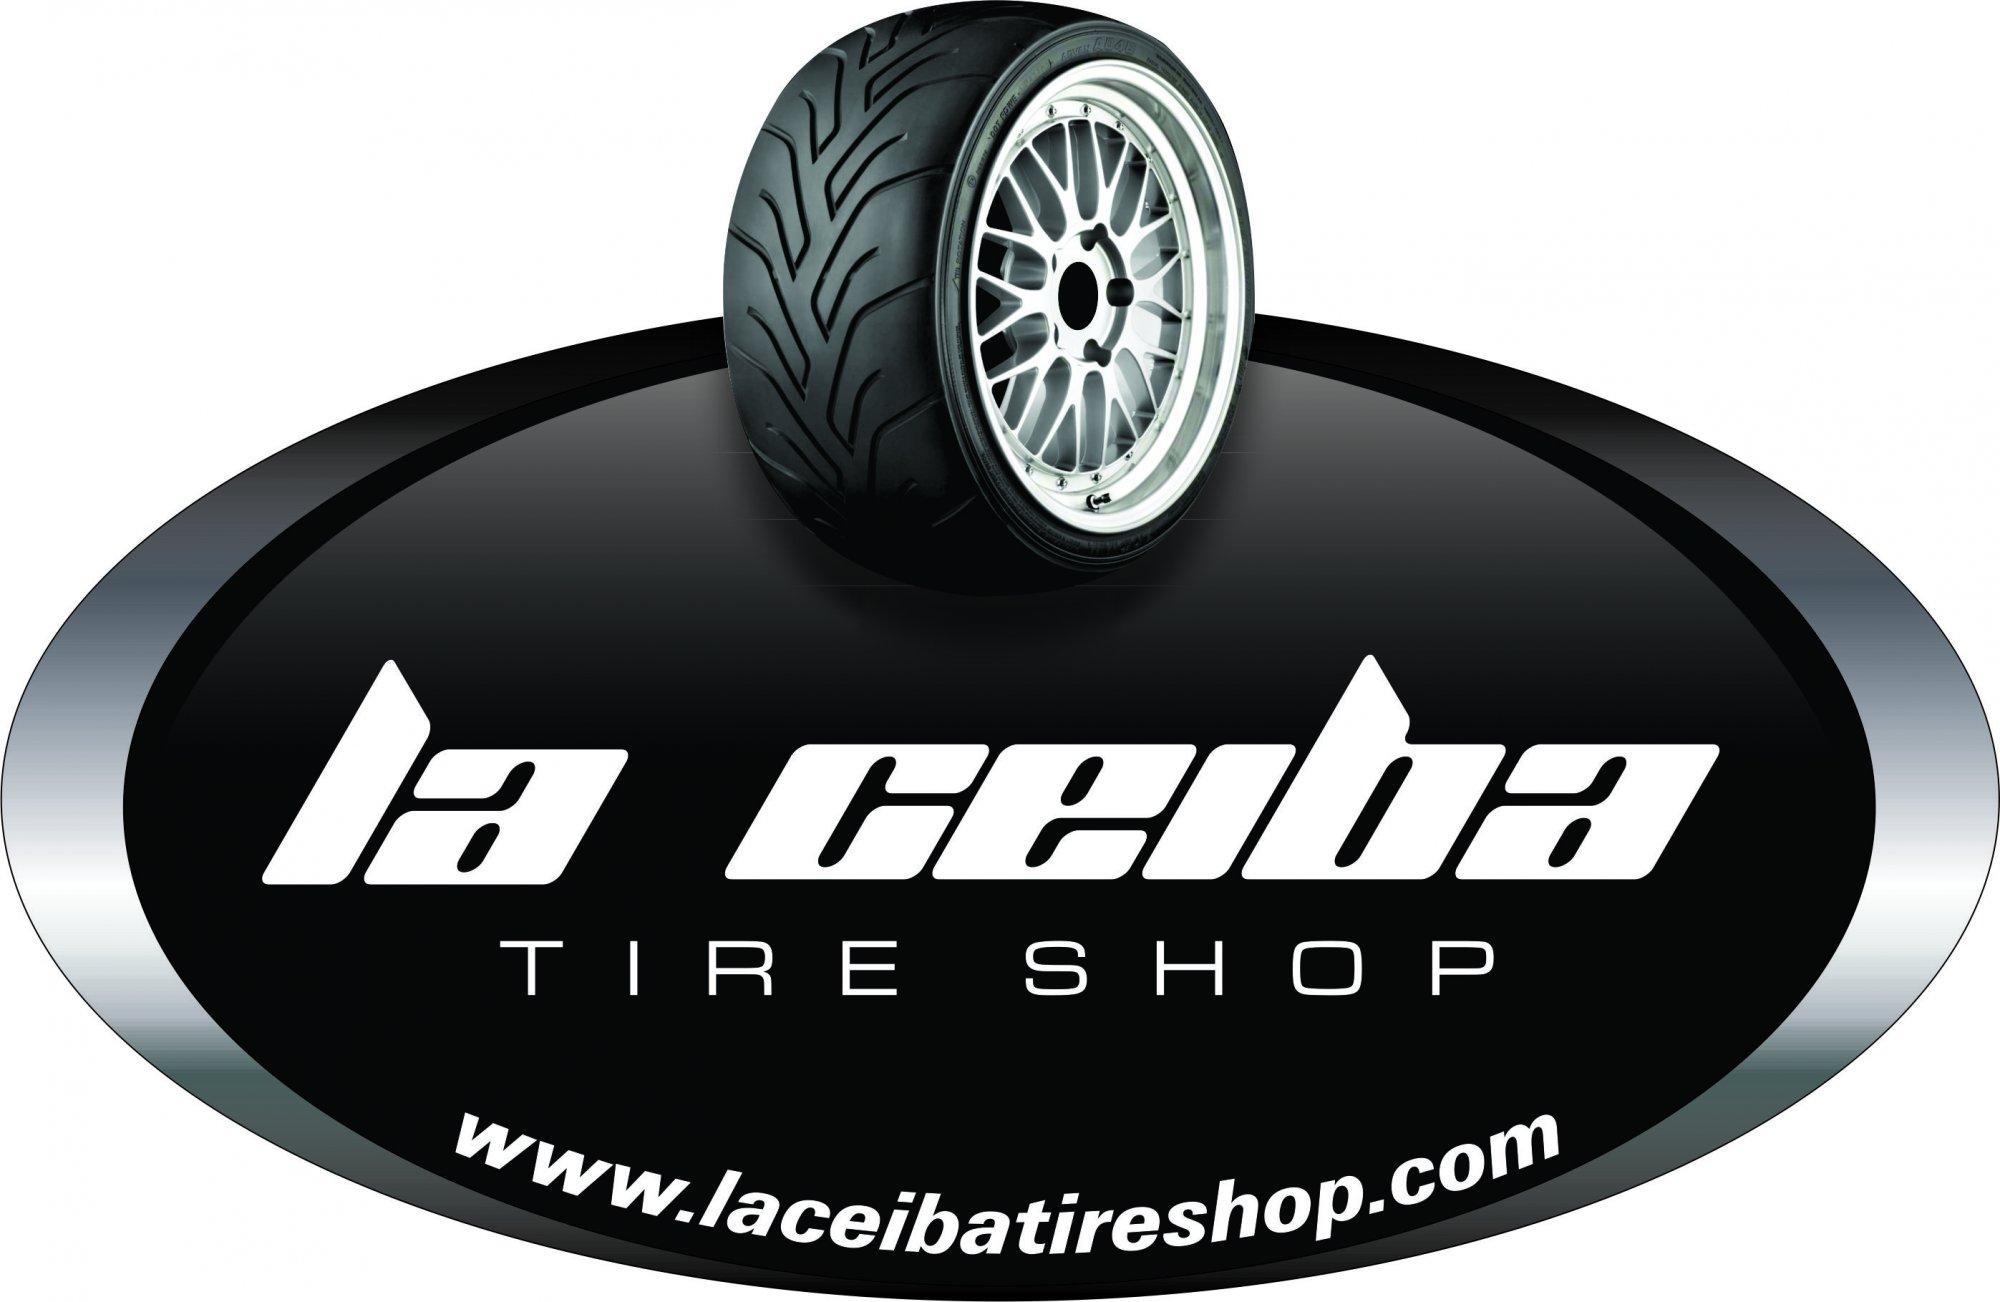 2000x1302 La Ceiba Tire Shop Brands Of The Download Vector Logos